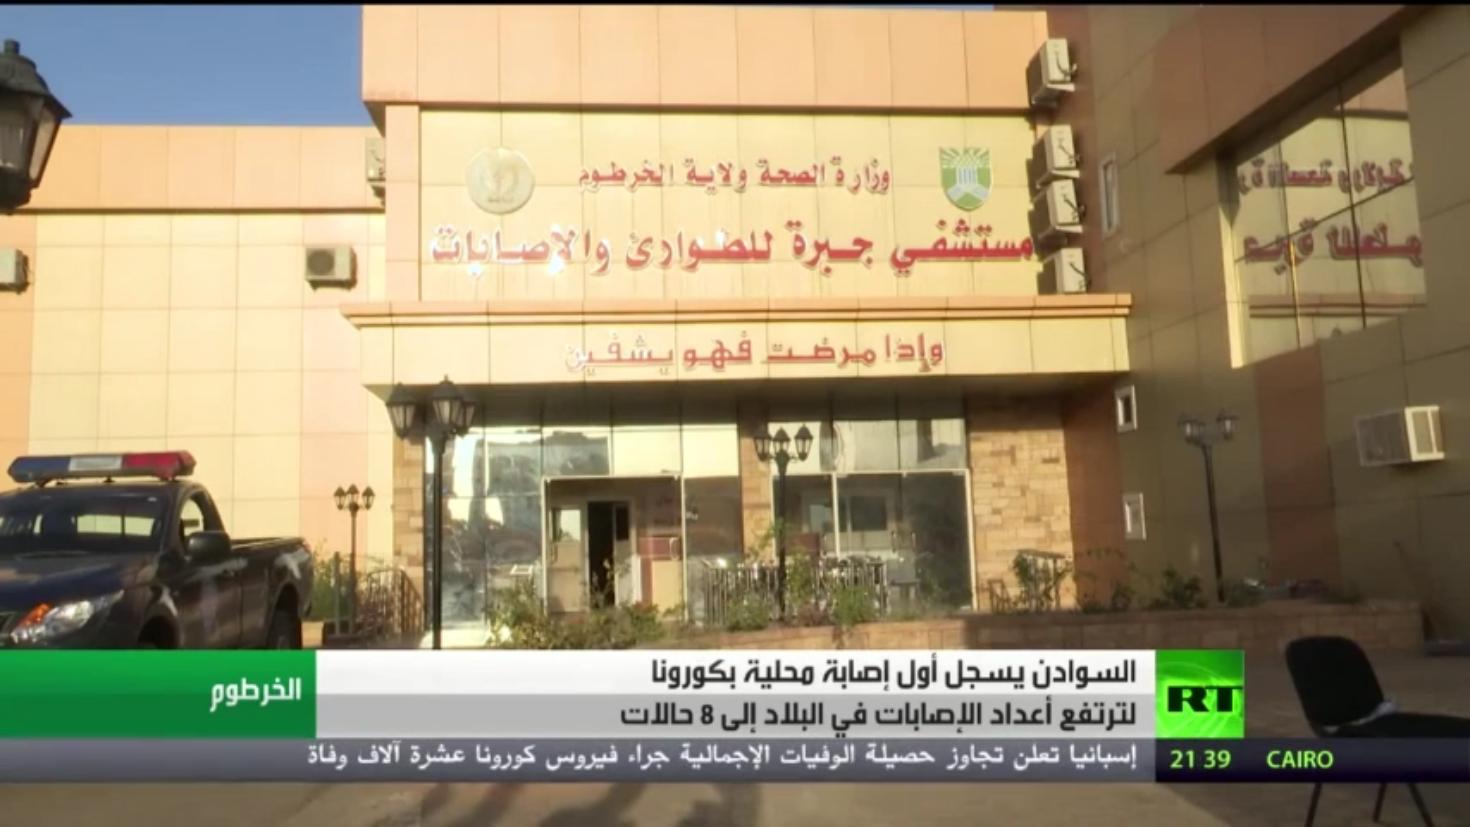 الإصابة الأولى بكورونا محليا في السودان